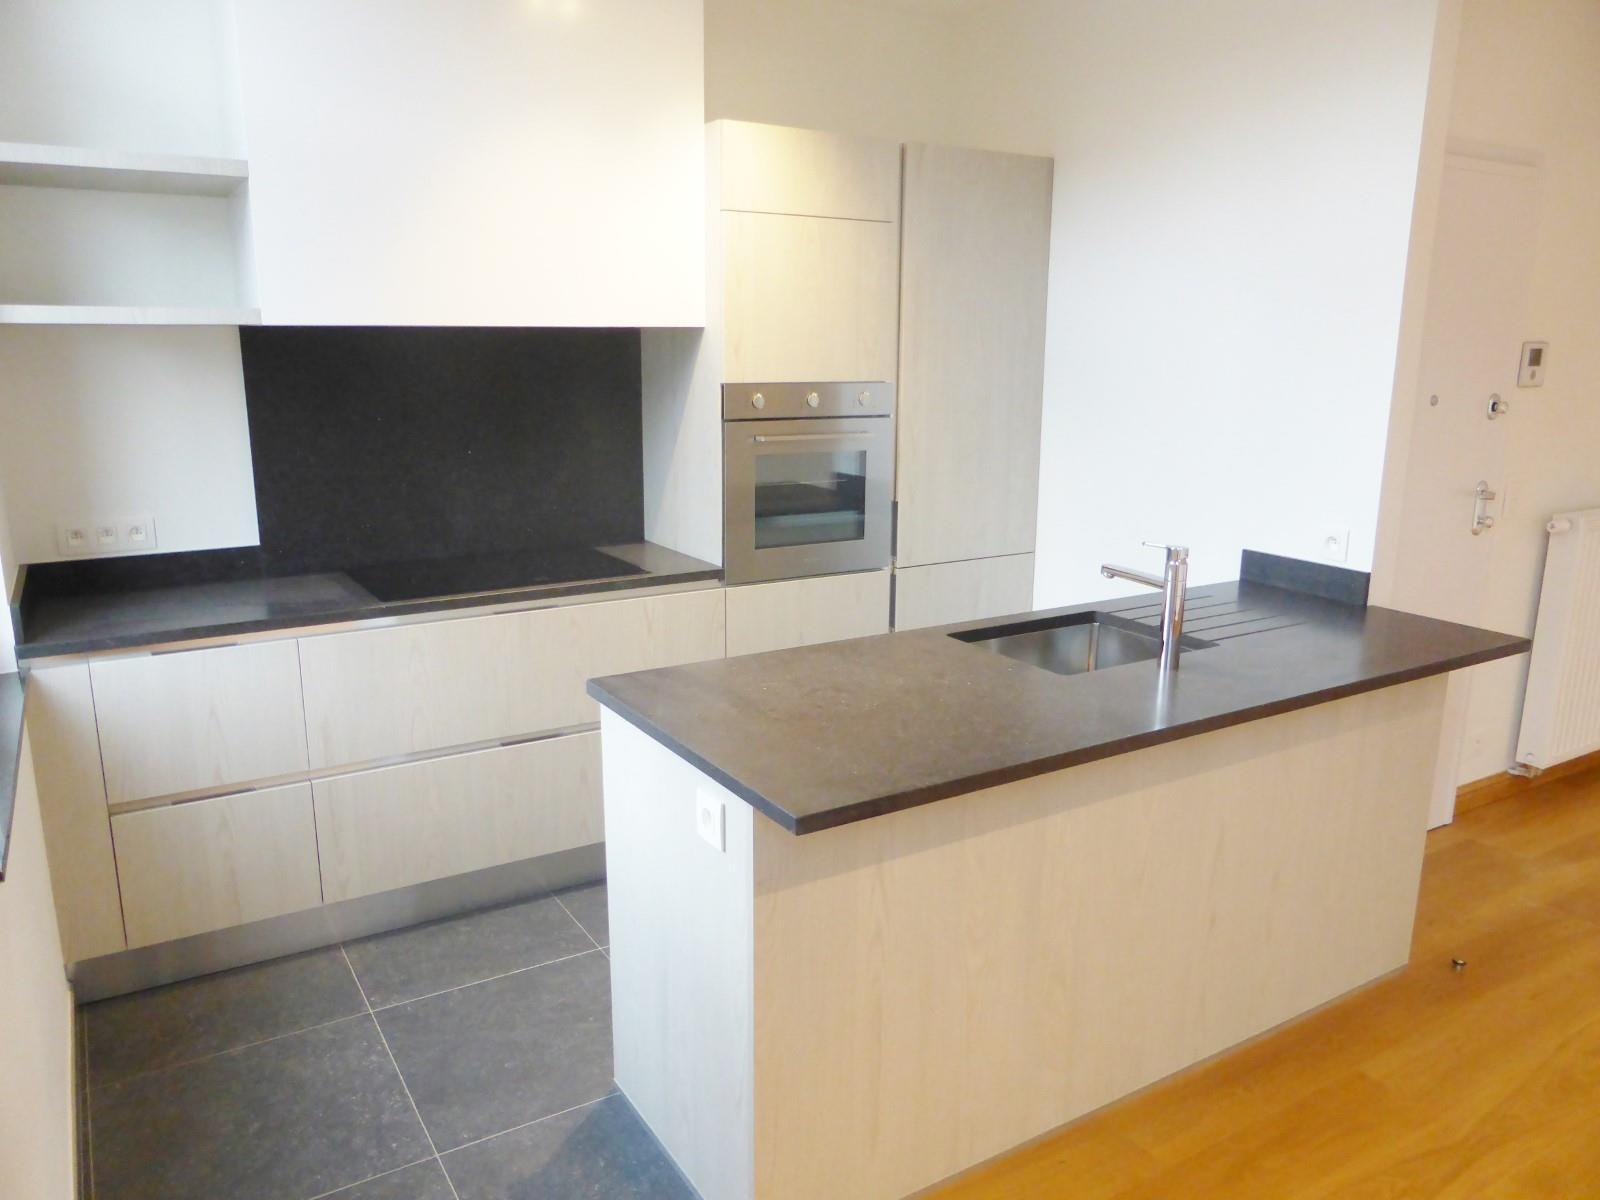 Appartement exceptionnel - Bruxelles - #4094385-32